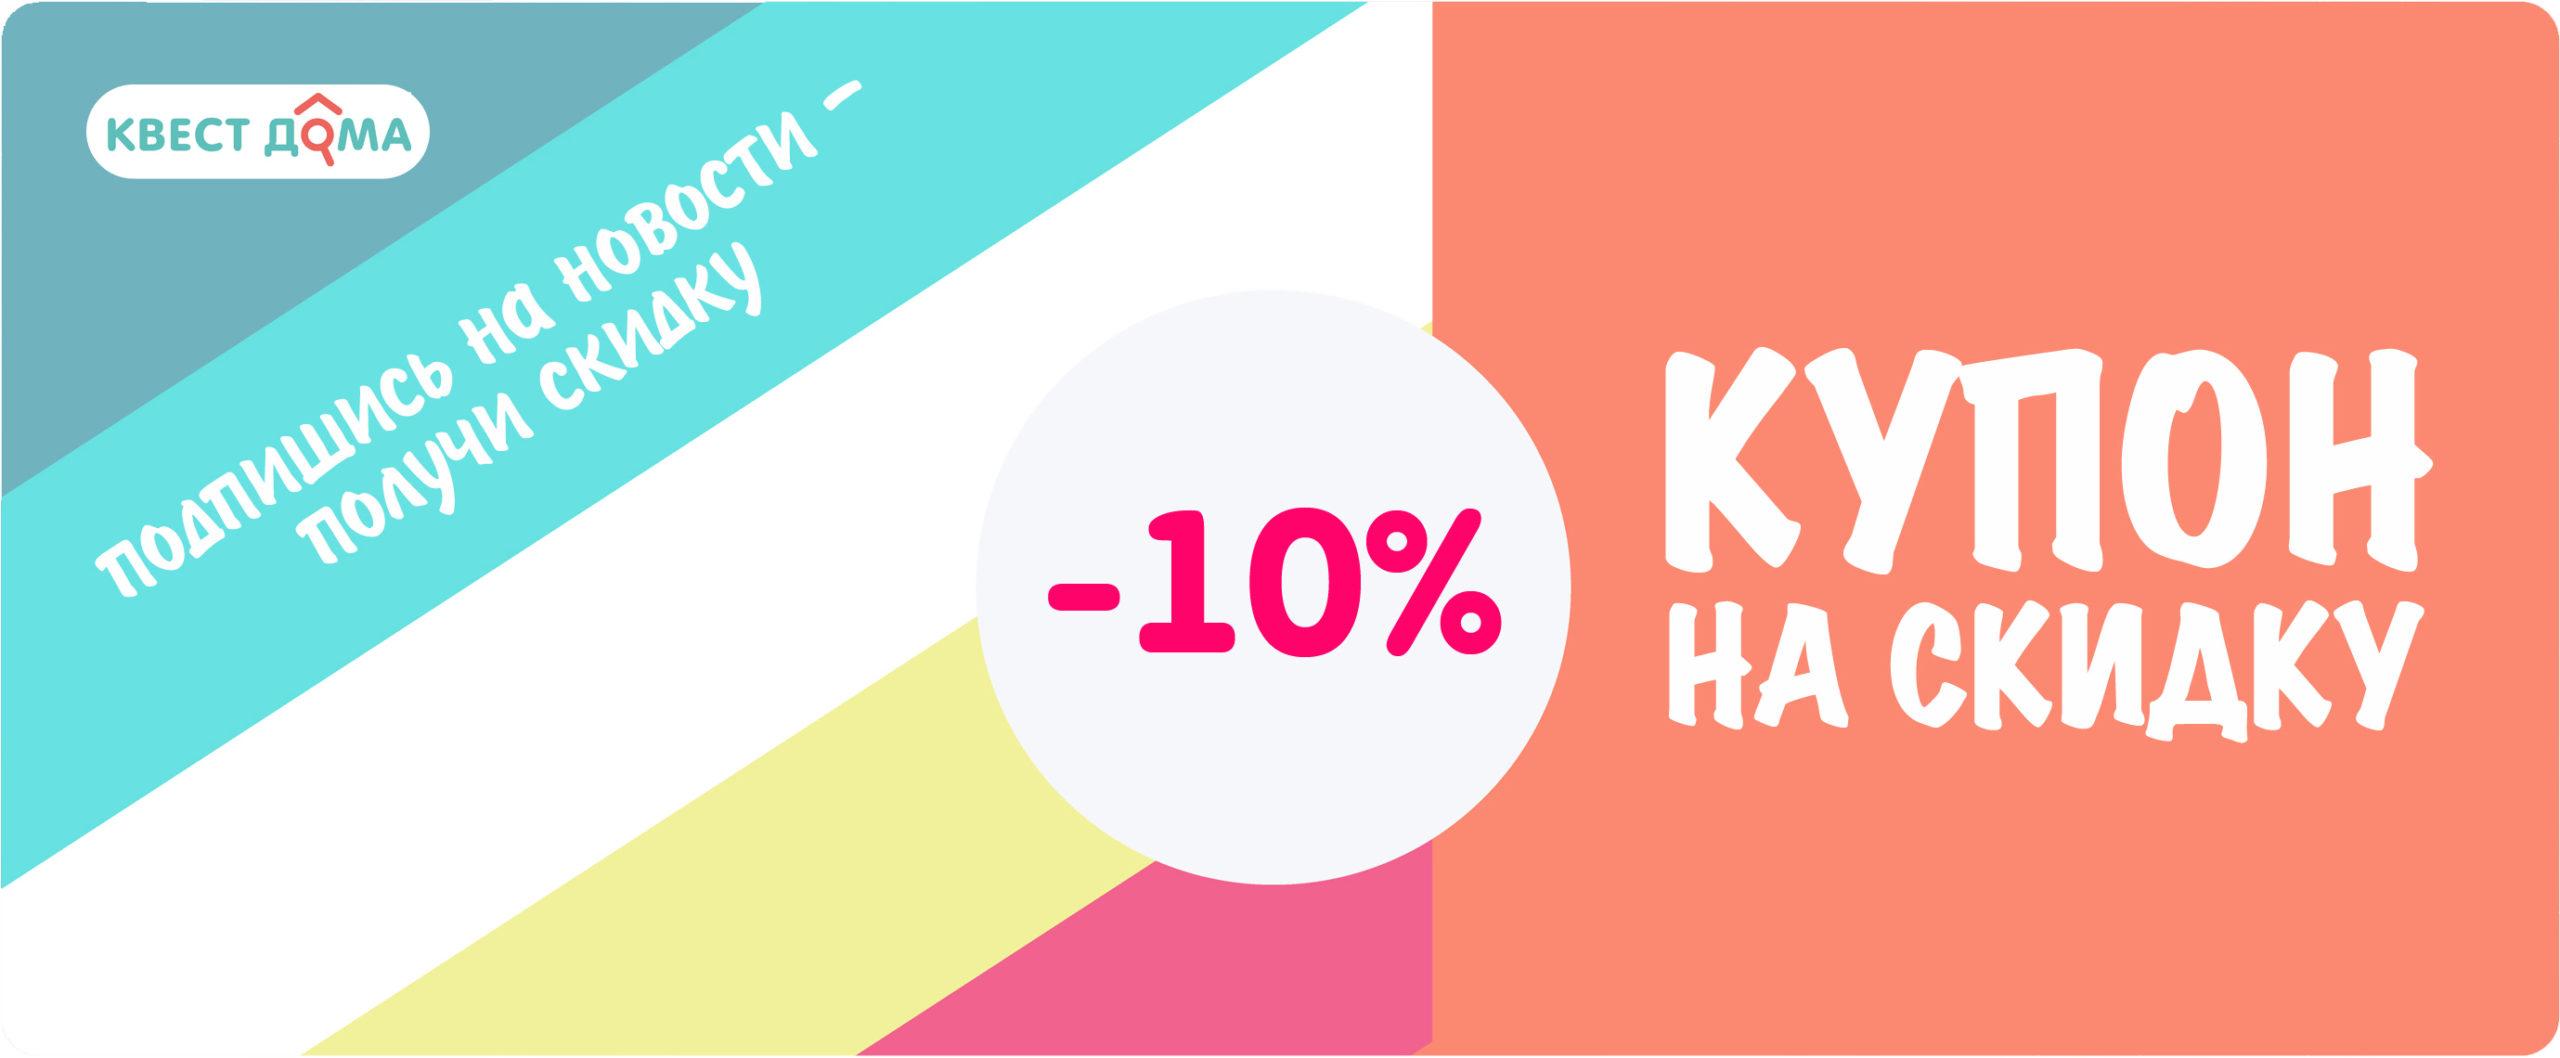 Подпишись на рассылку новостей и получи скидку 10%!